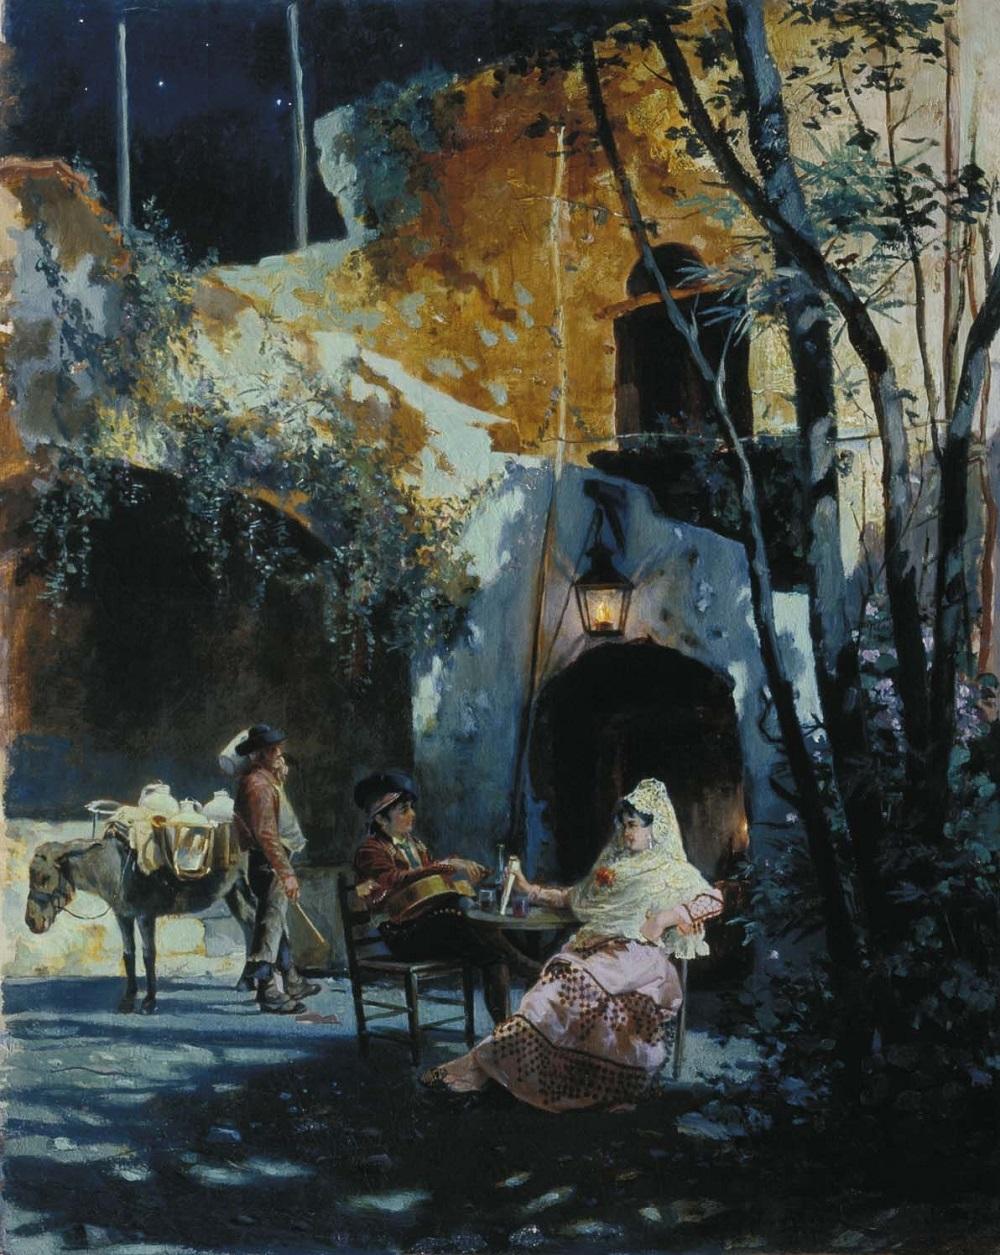 Дворик в Севилье 1891 холст масло 50 х40 Омский областной музей изобразительных искусств им. М.А Врубеля.jpg